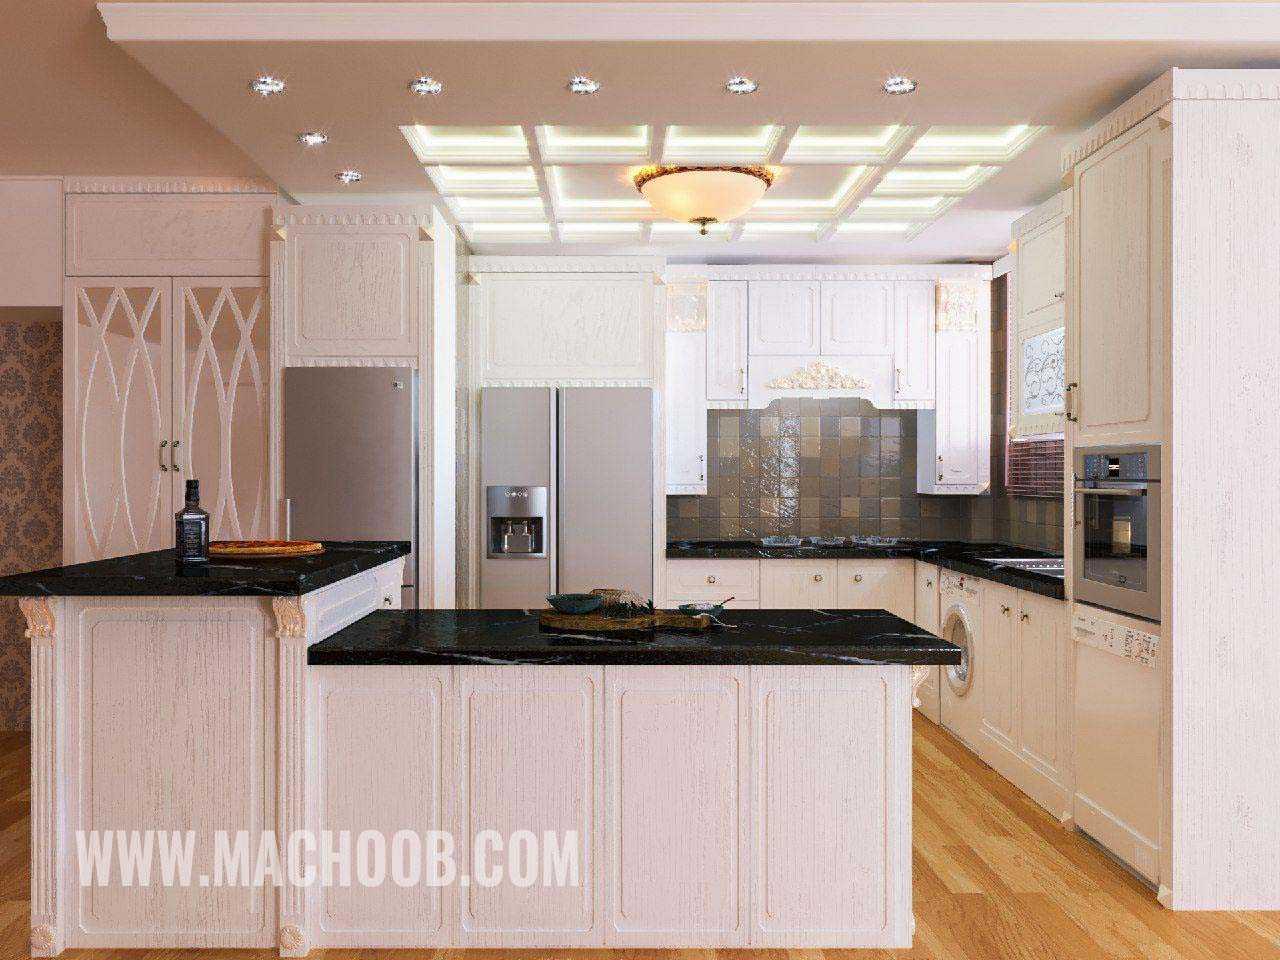 پروژه کابینت آشپزخانه انزو ماچوب (آقای جاودان)